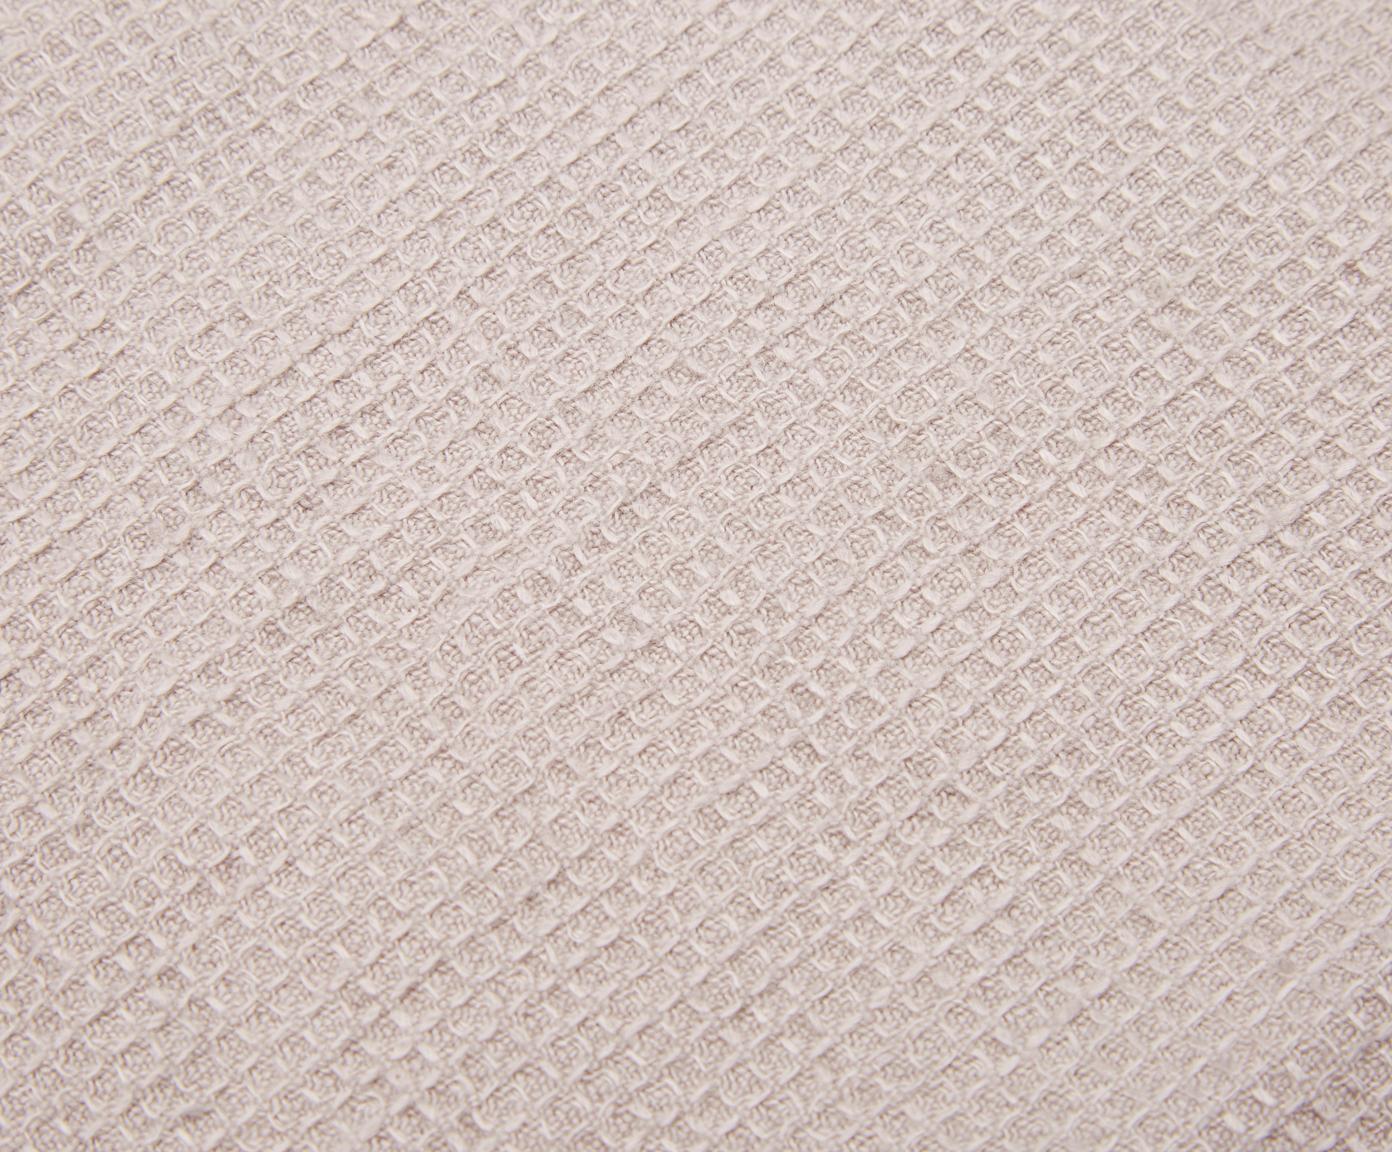 Leichtes Leinen-Handtuch Java in verschiedenen Größen, Waffelpiqué, Beige, Gästehandtuch